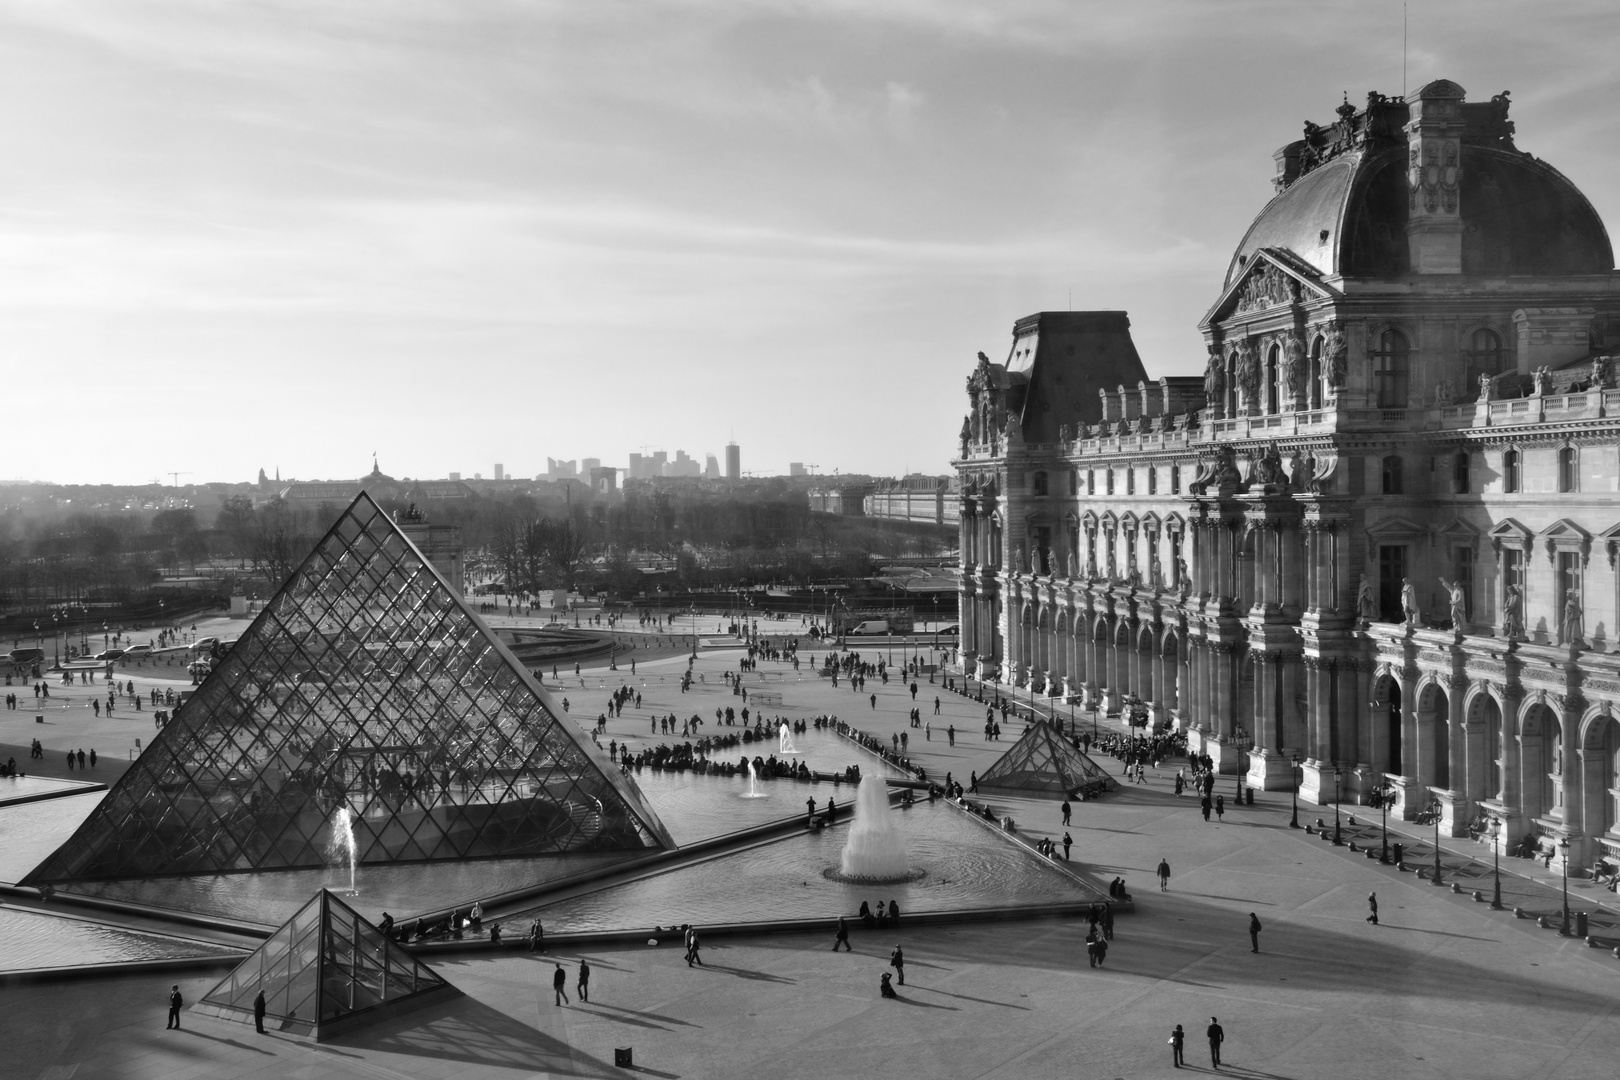 La cour centrale du Louvre